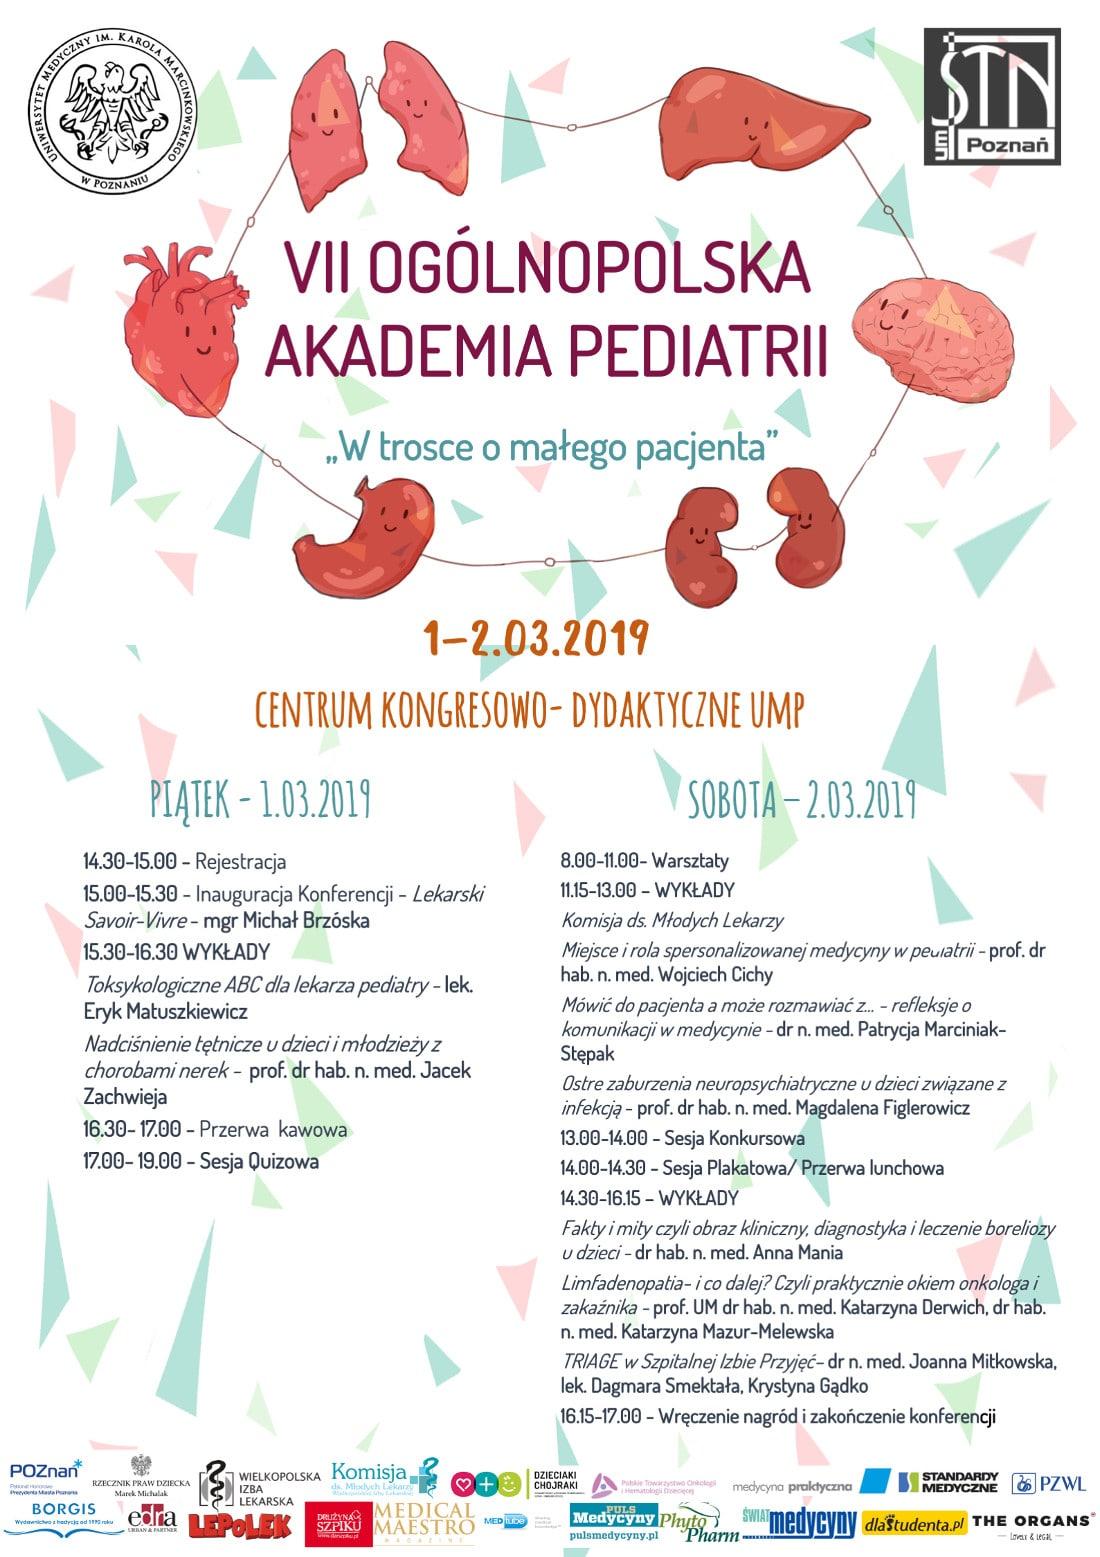 Konferencja odbędzie się w dniach 1-2 marca 2019 roku.